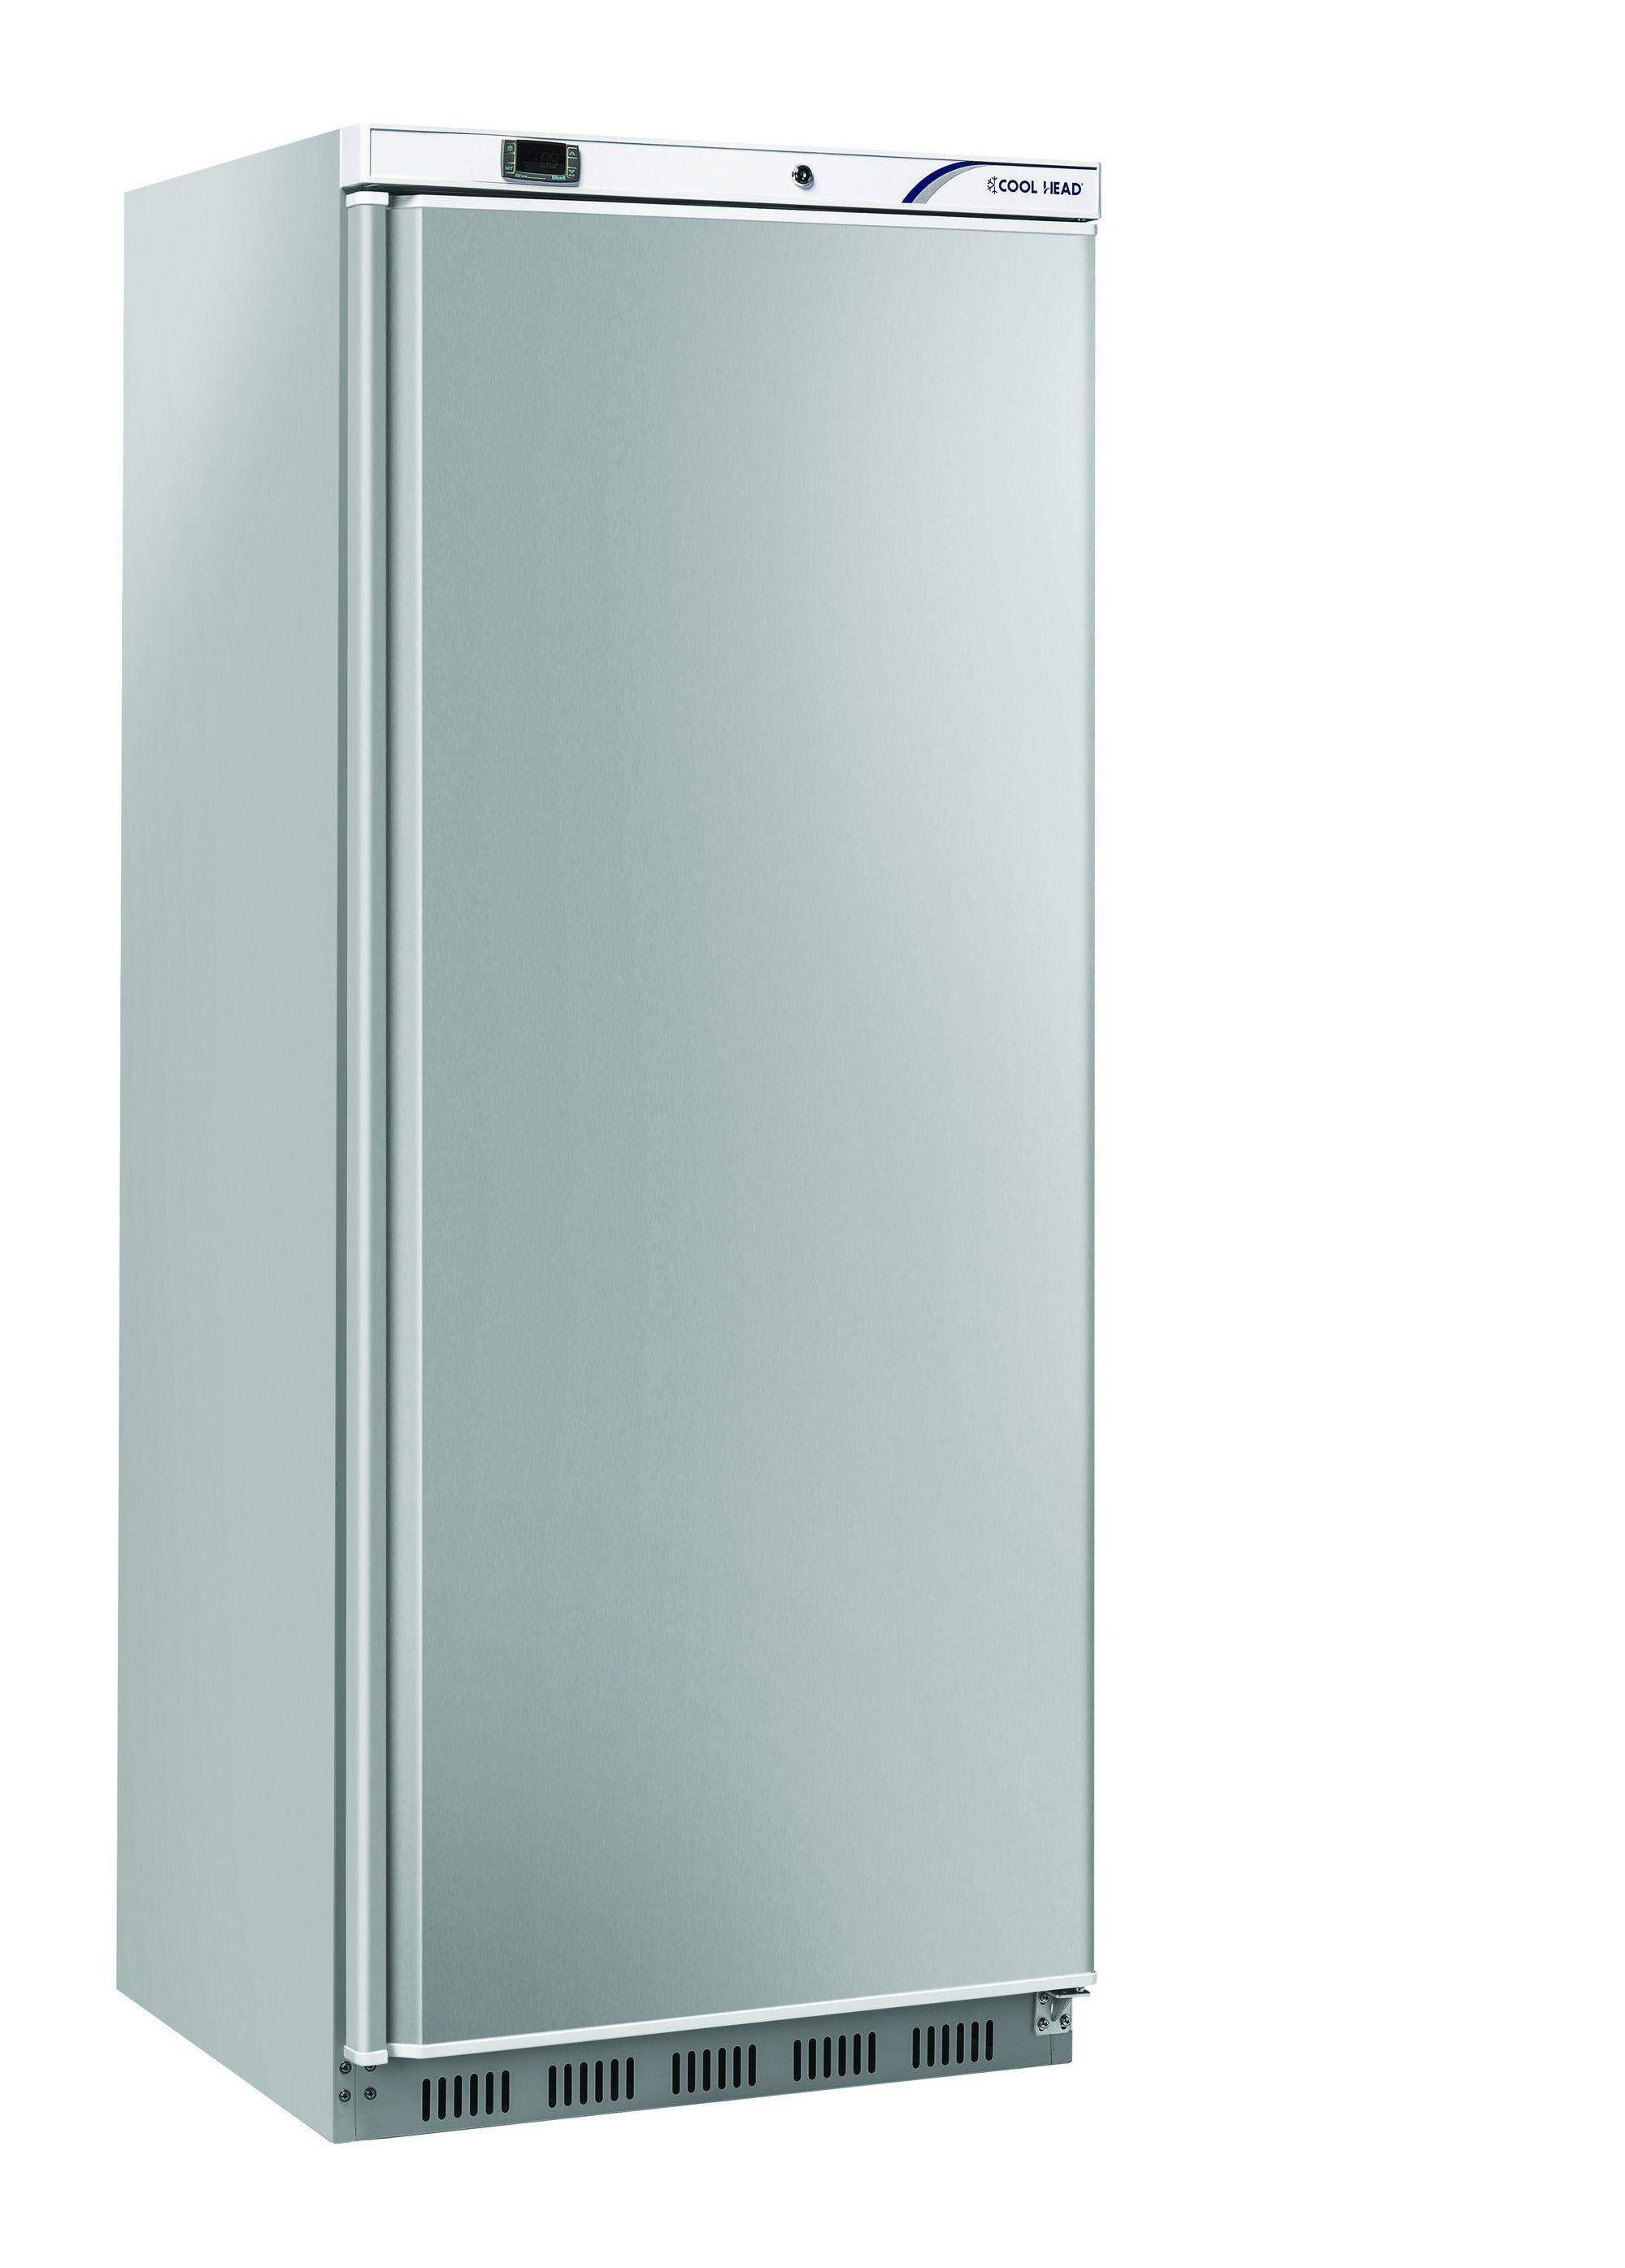 600 literes hűtő, ventilációs hűtéssel, teli ajtóval, rozsdamentes, +2/+10°C